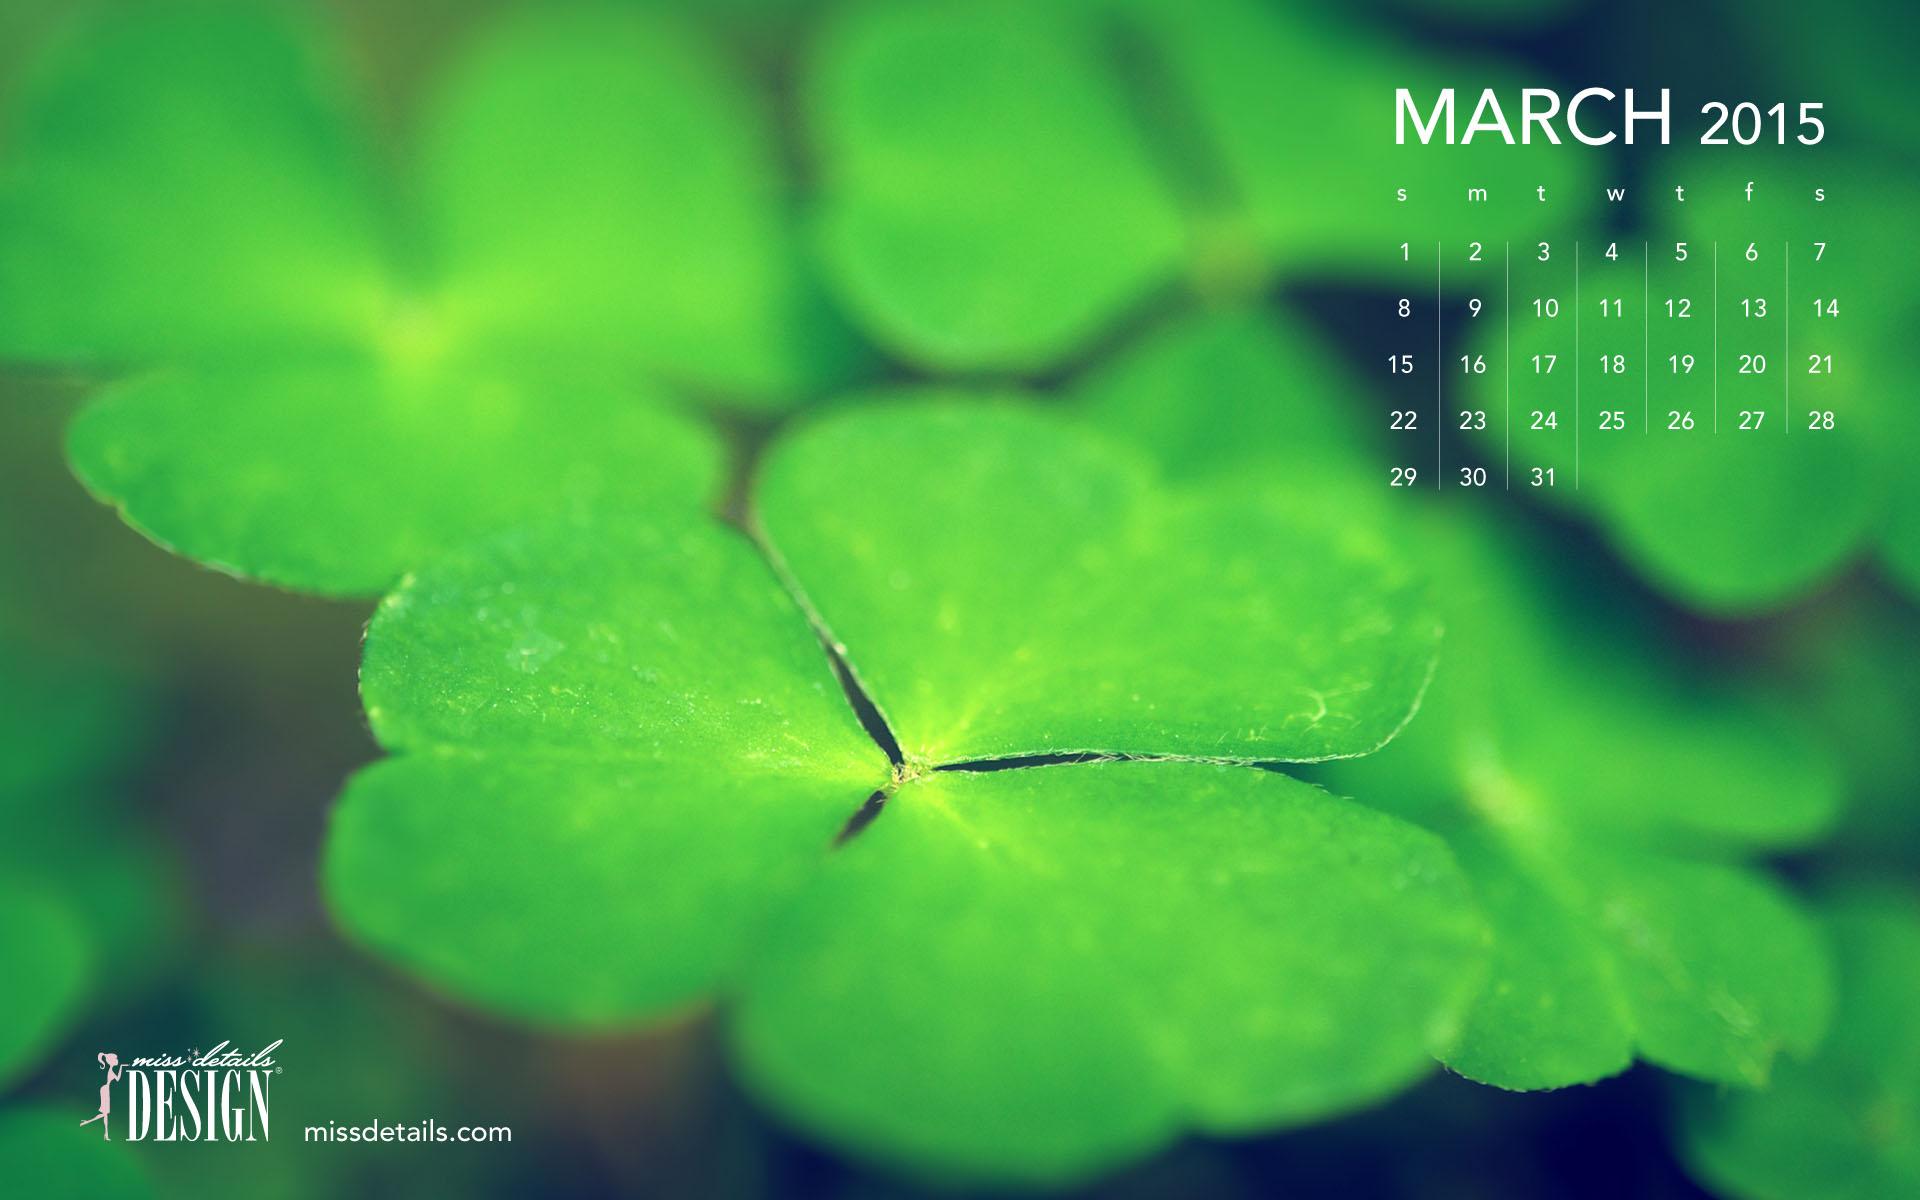 March Calendar Wallpaper Hd : March background wallpaper wallpapersafari